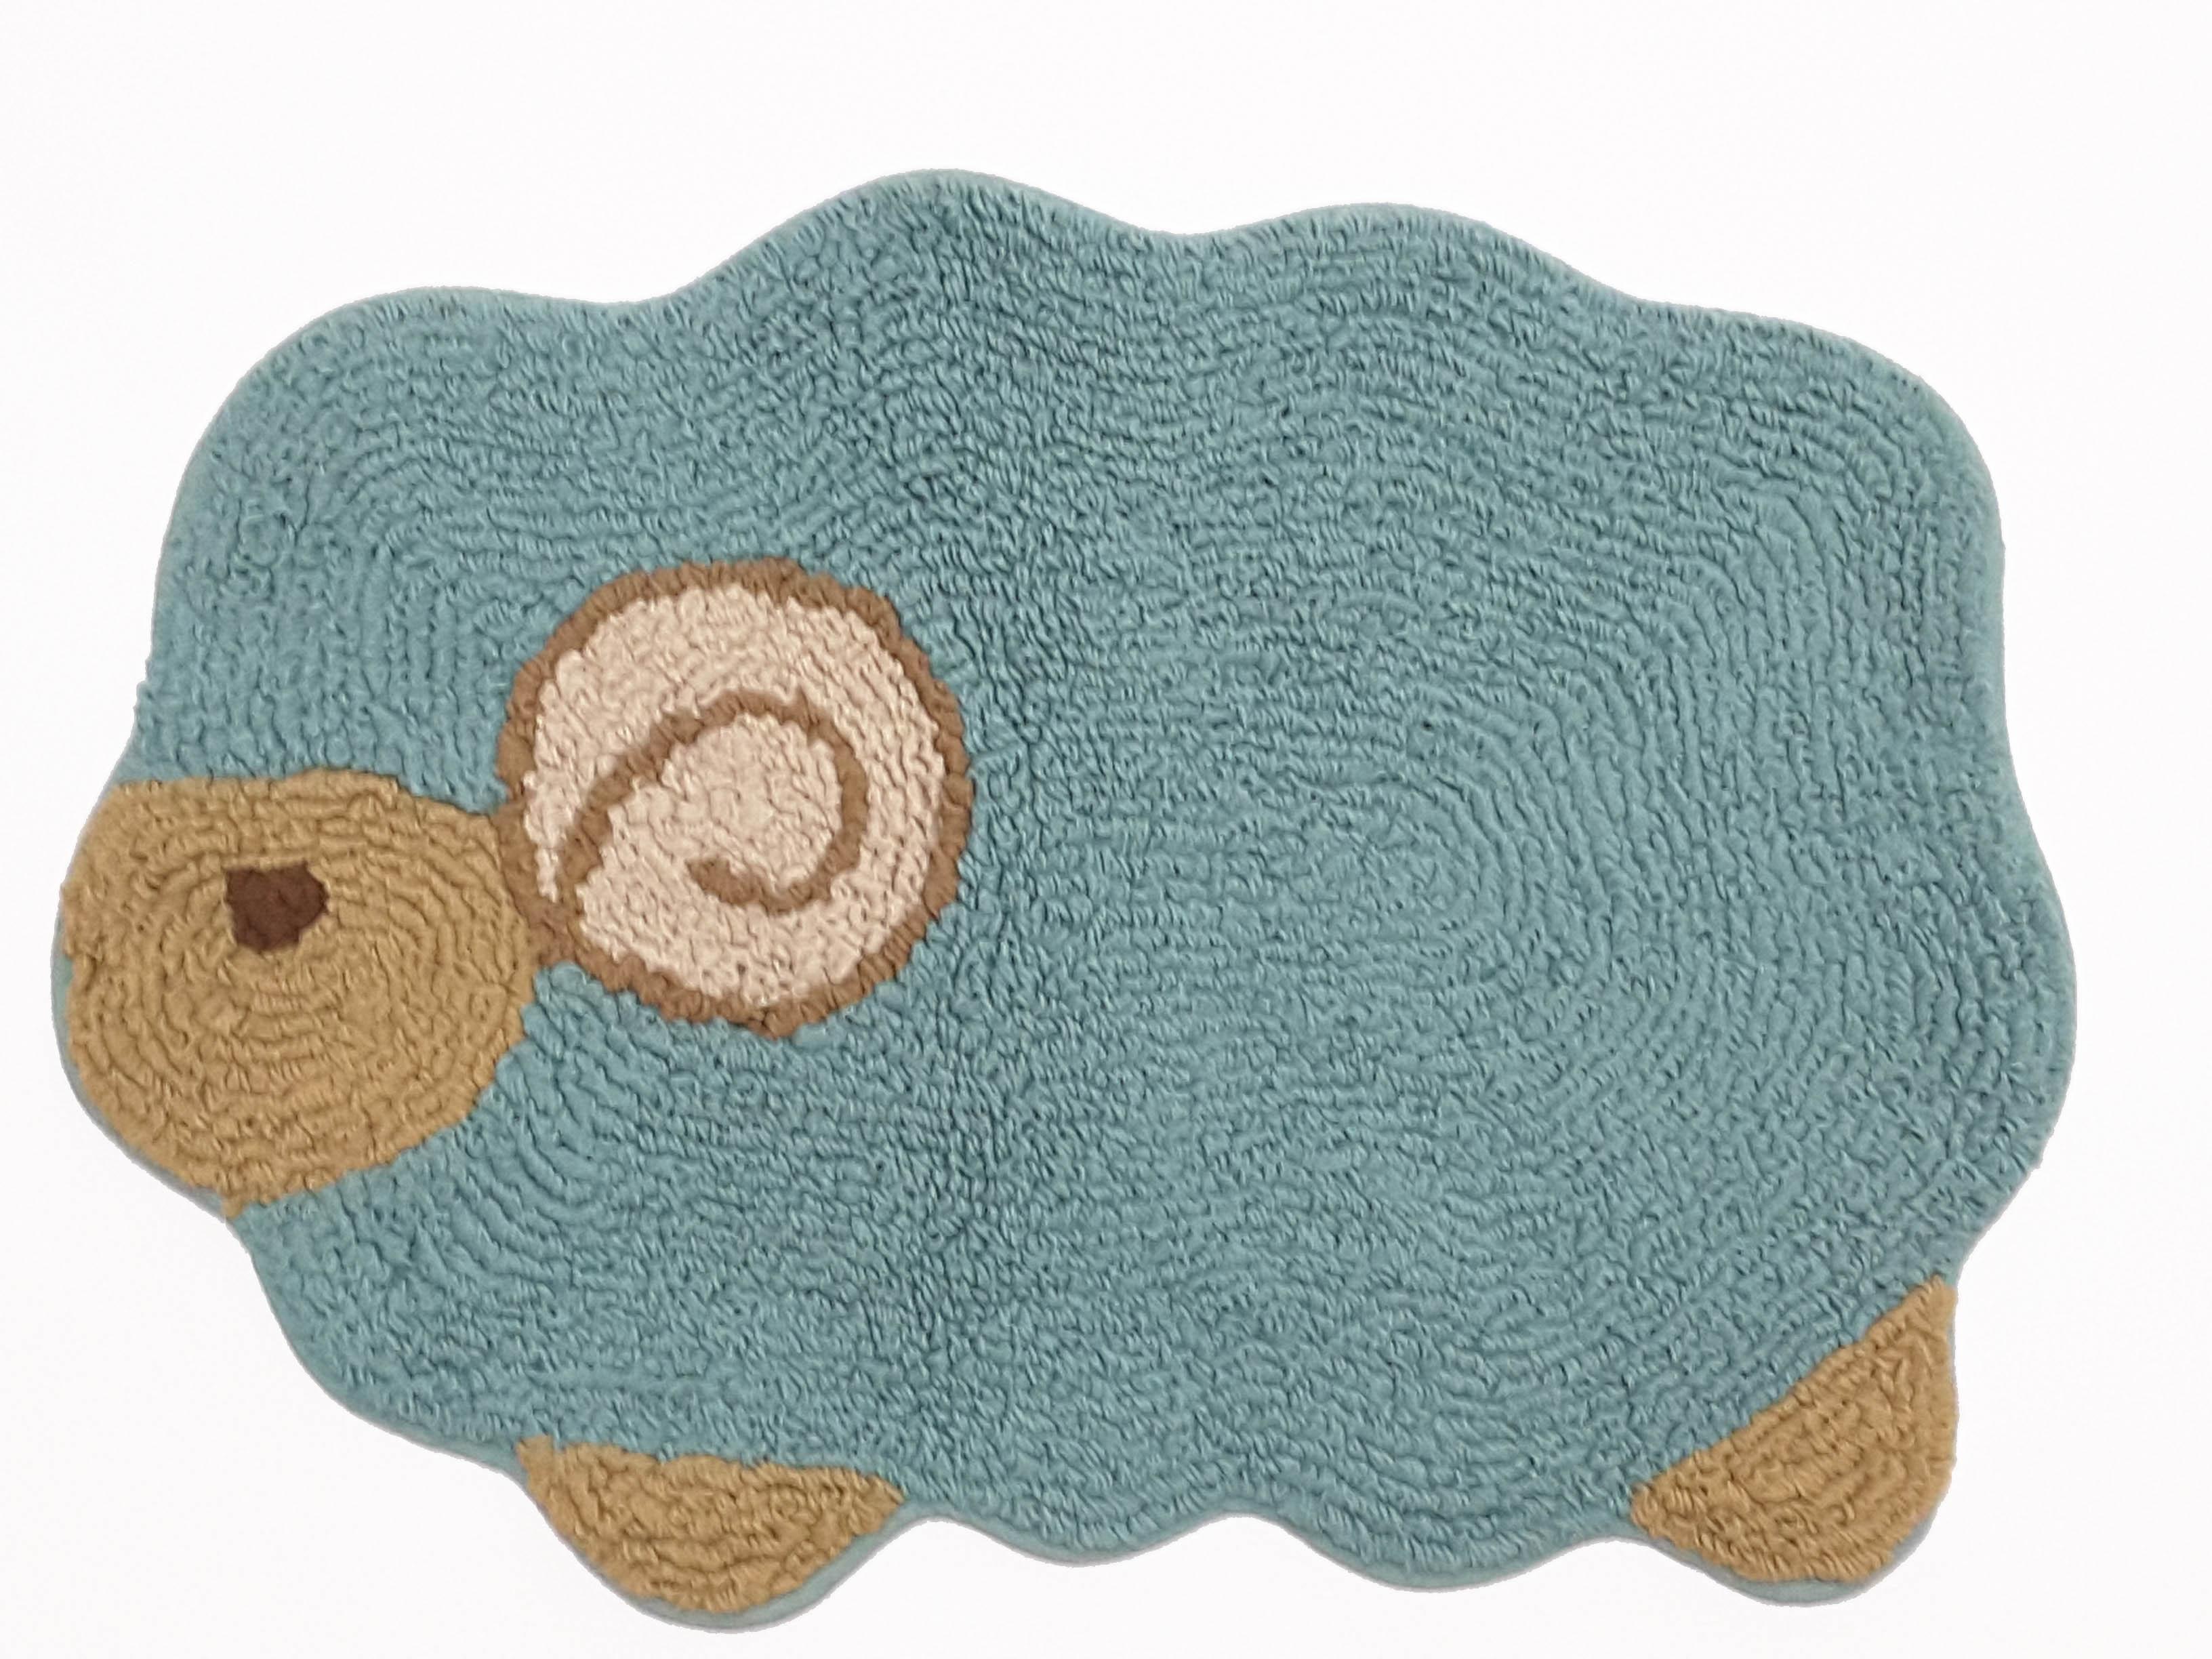 La maison生活小舖《繽紛馬卡龍天空藍綿羊腳踏墊》吸水防滑 柔順觸感 可愛造型地墊/軟墊/腳踏墊/止滑墊/吸水墊/軟毛墊